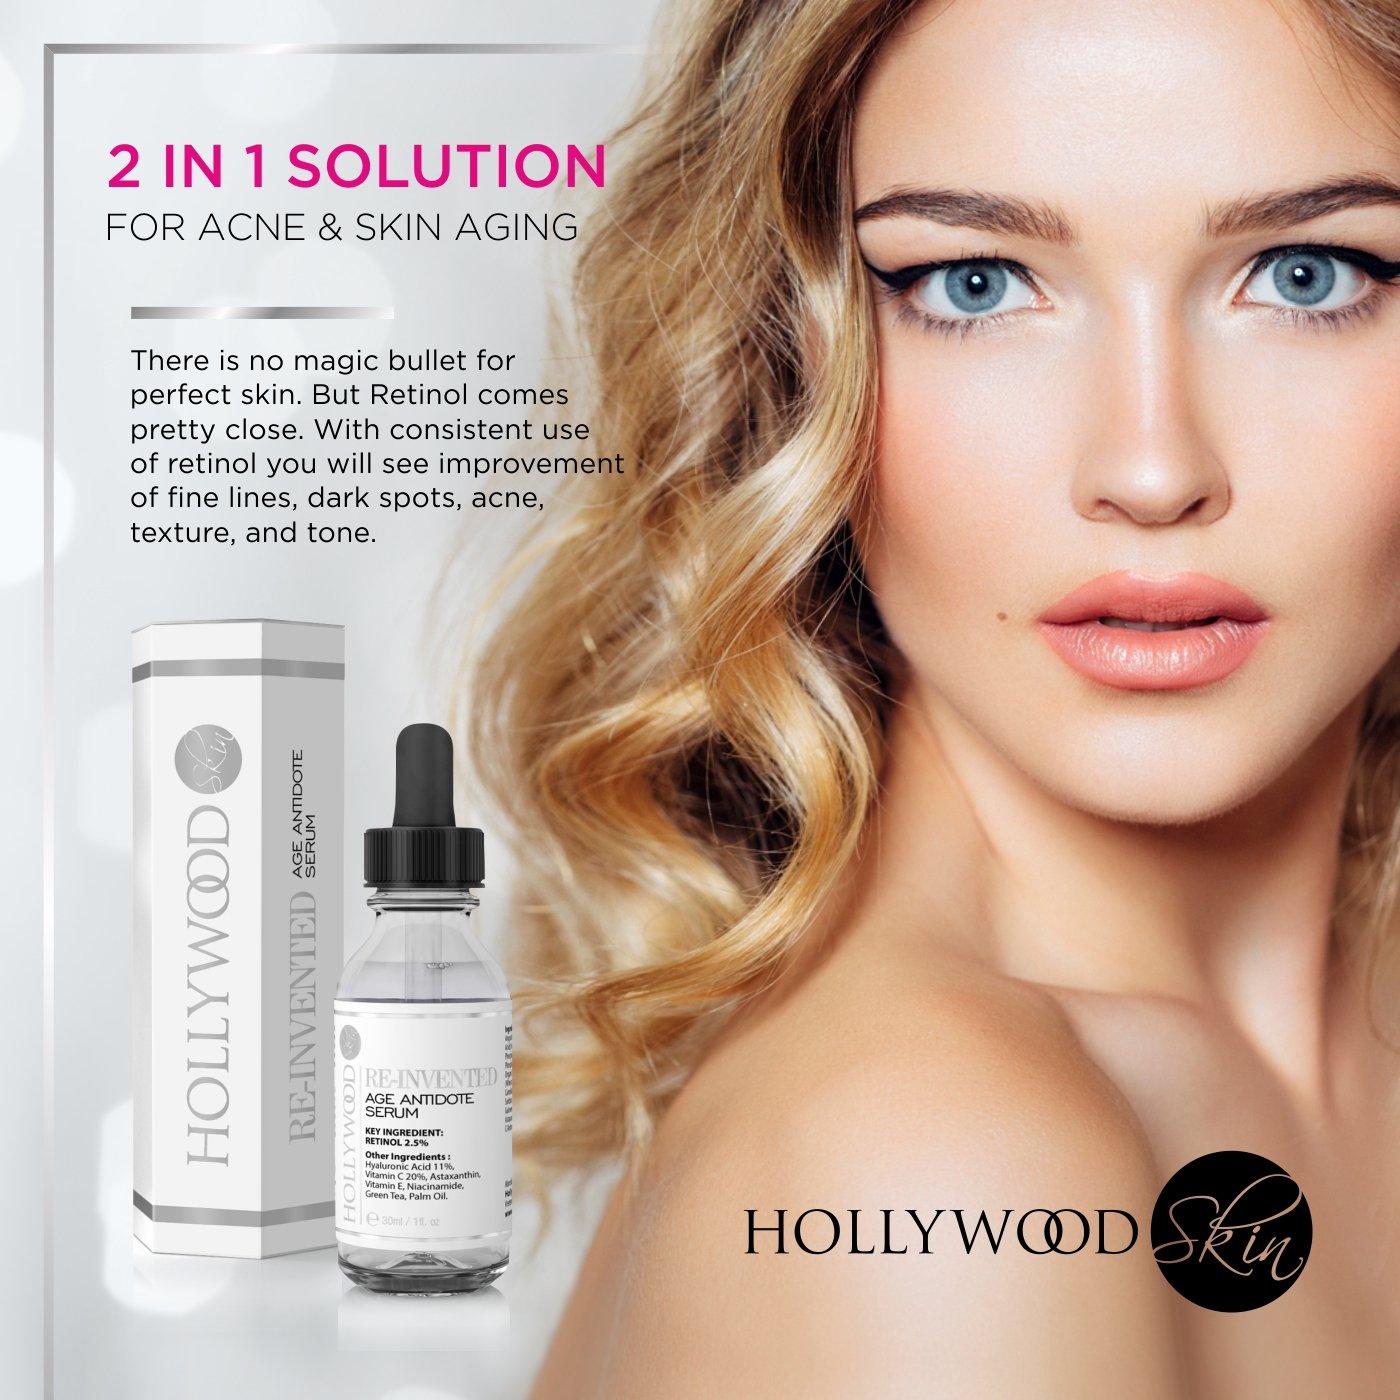 Serum Retinol 2.5% -4 veces más FUERTE que tratamientos antiedad y para acné regulares. Con 11% de Ácido Hialurónico y 20% de Vitamina C, ...